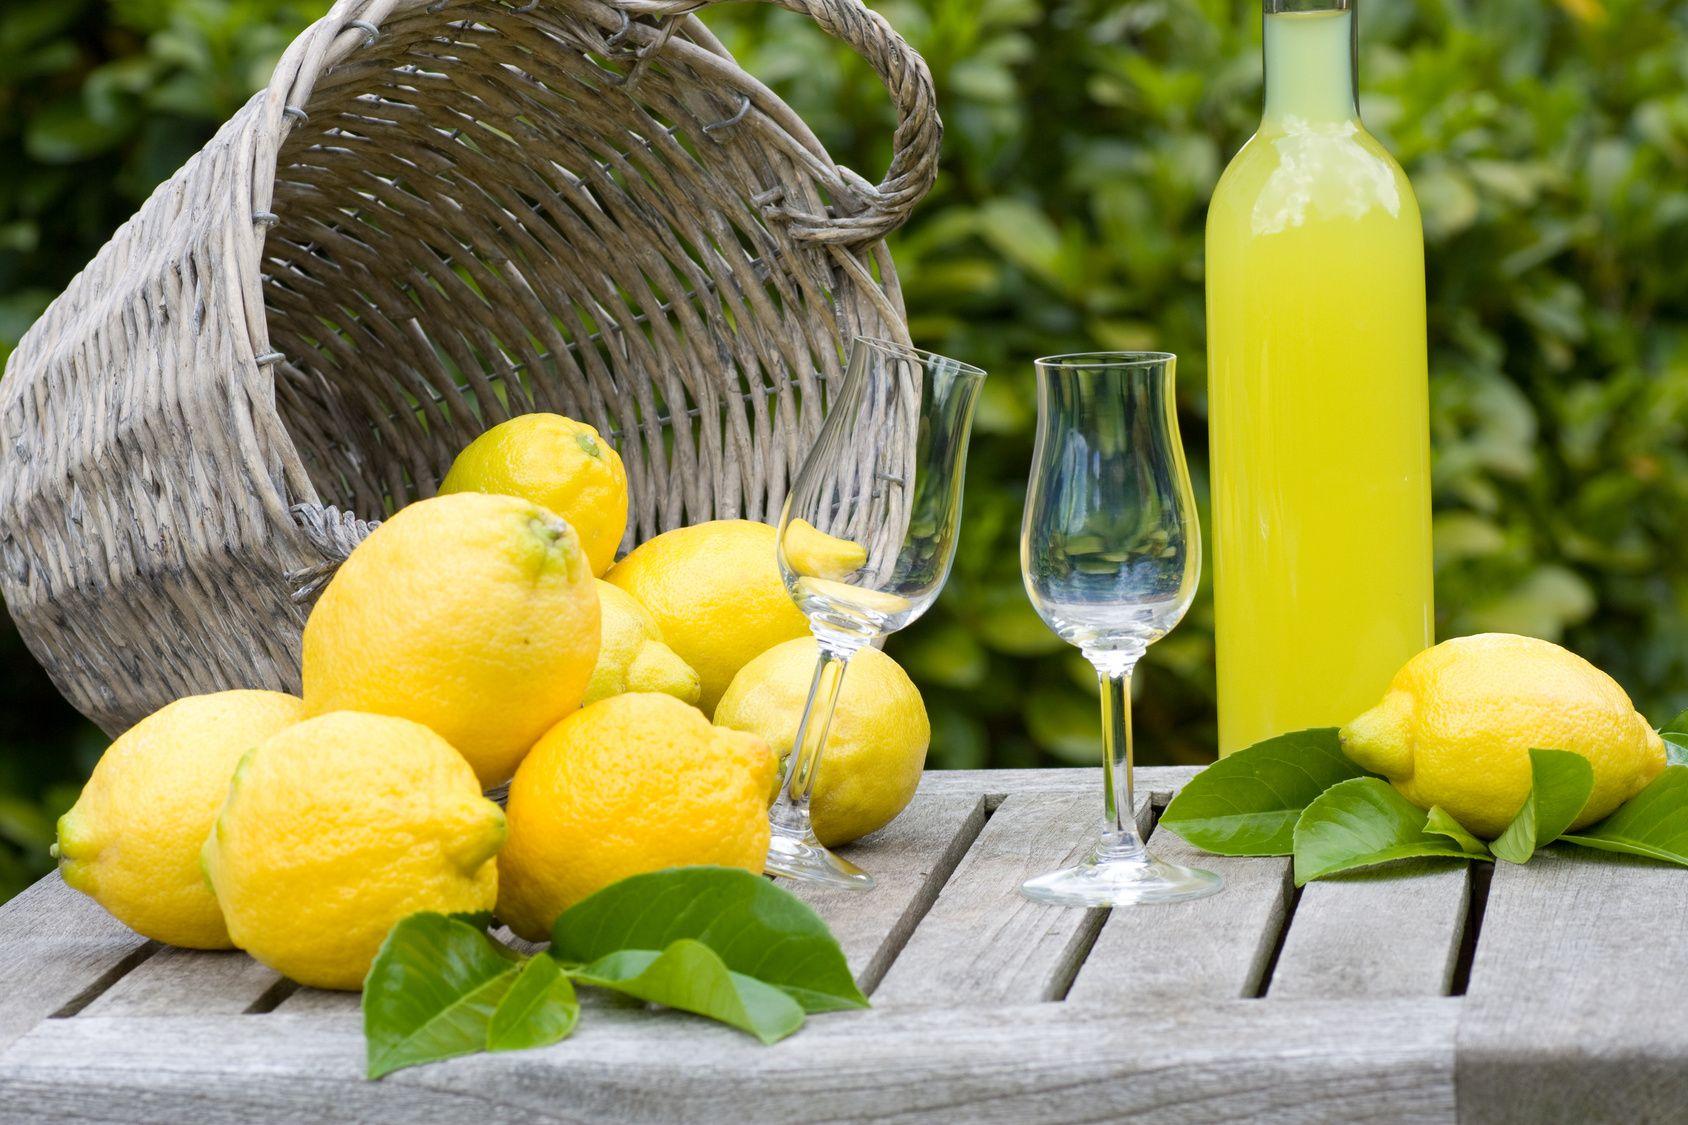 Come fare il limoncello in casa: ricetta